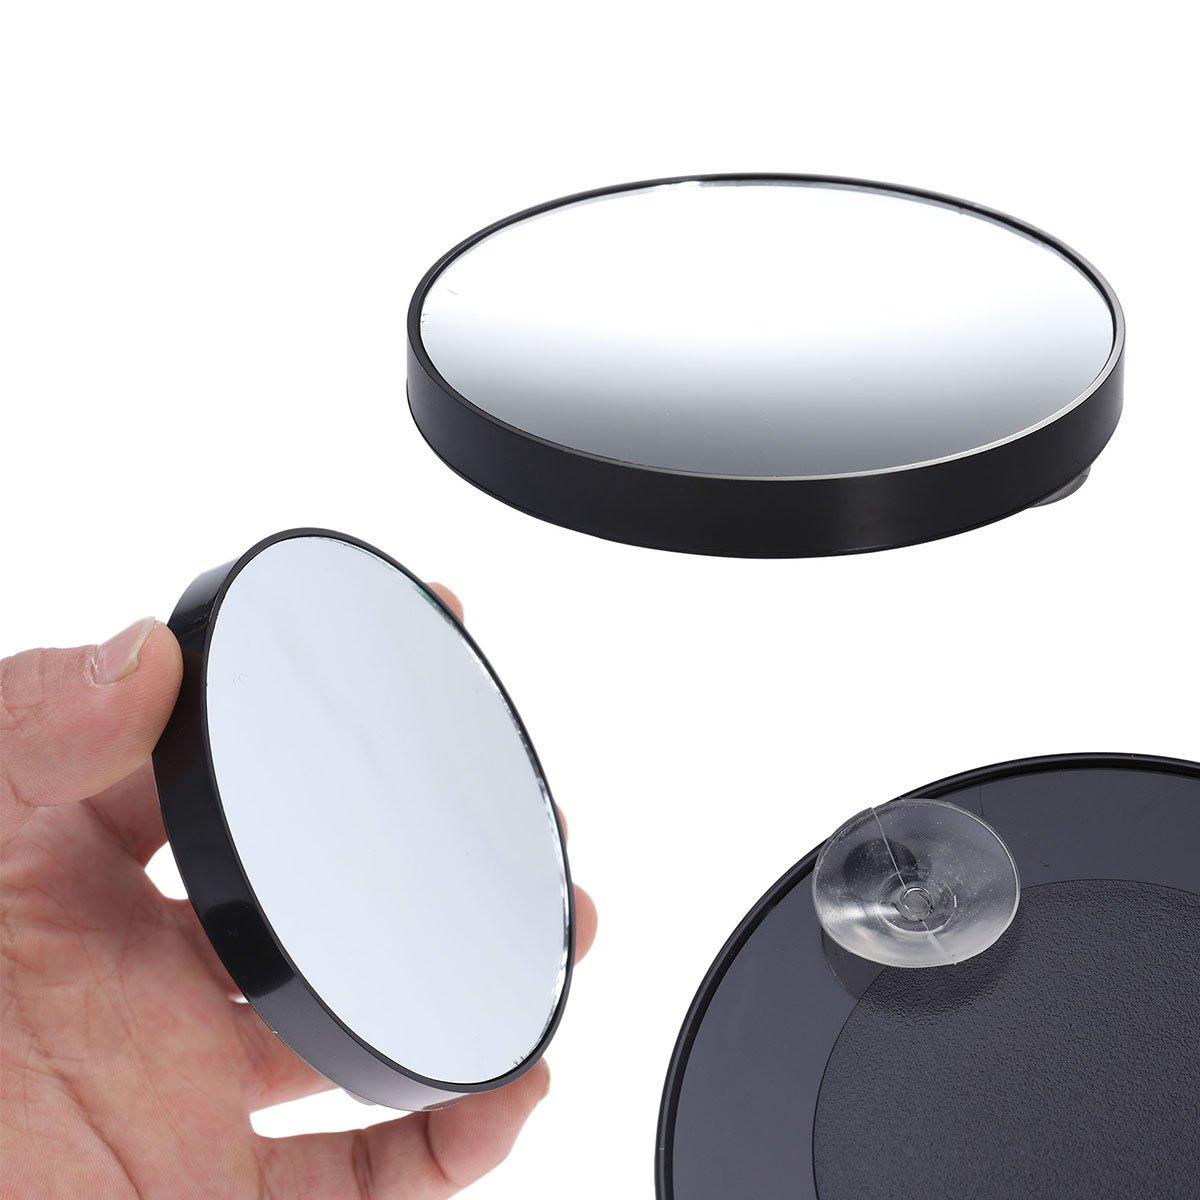 KAIMENG Miroir de maquillage 3.5 pouces 15X Loupe Miroir rond avec luminaire à ventouse